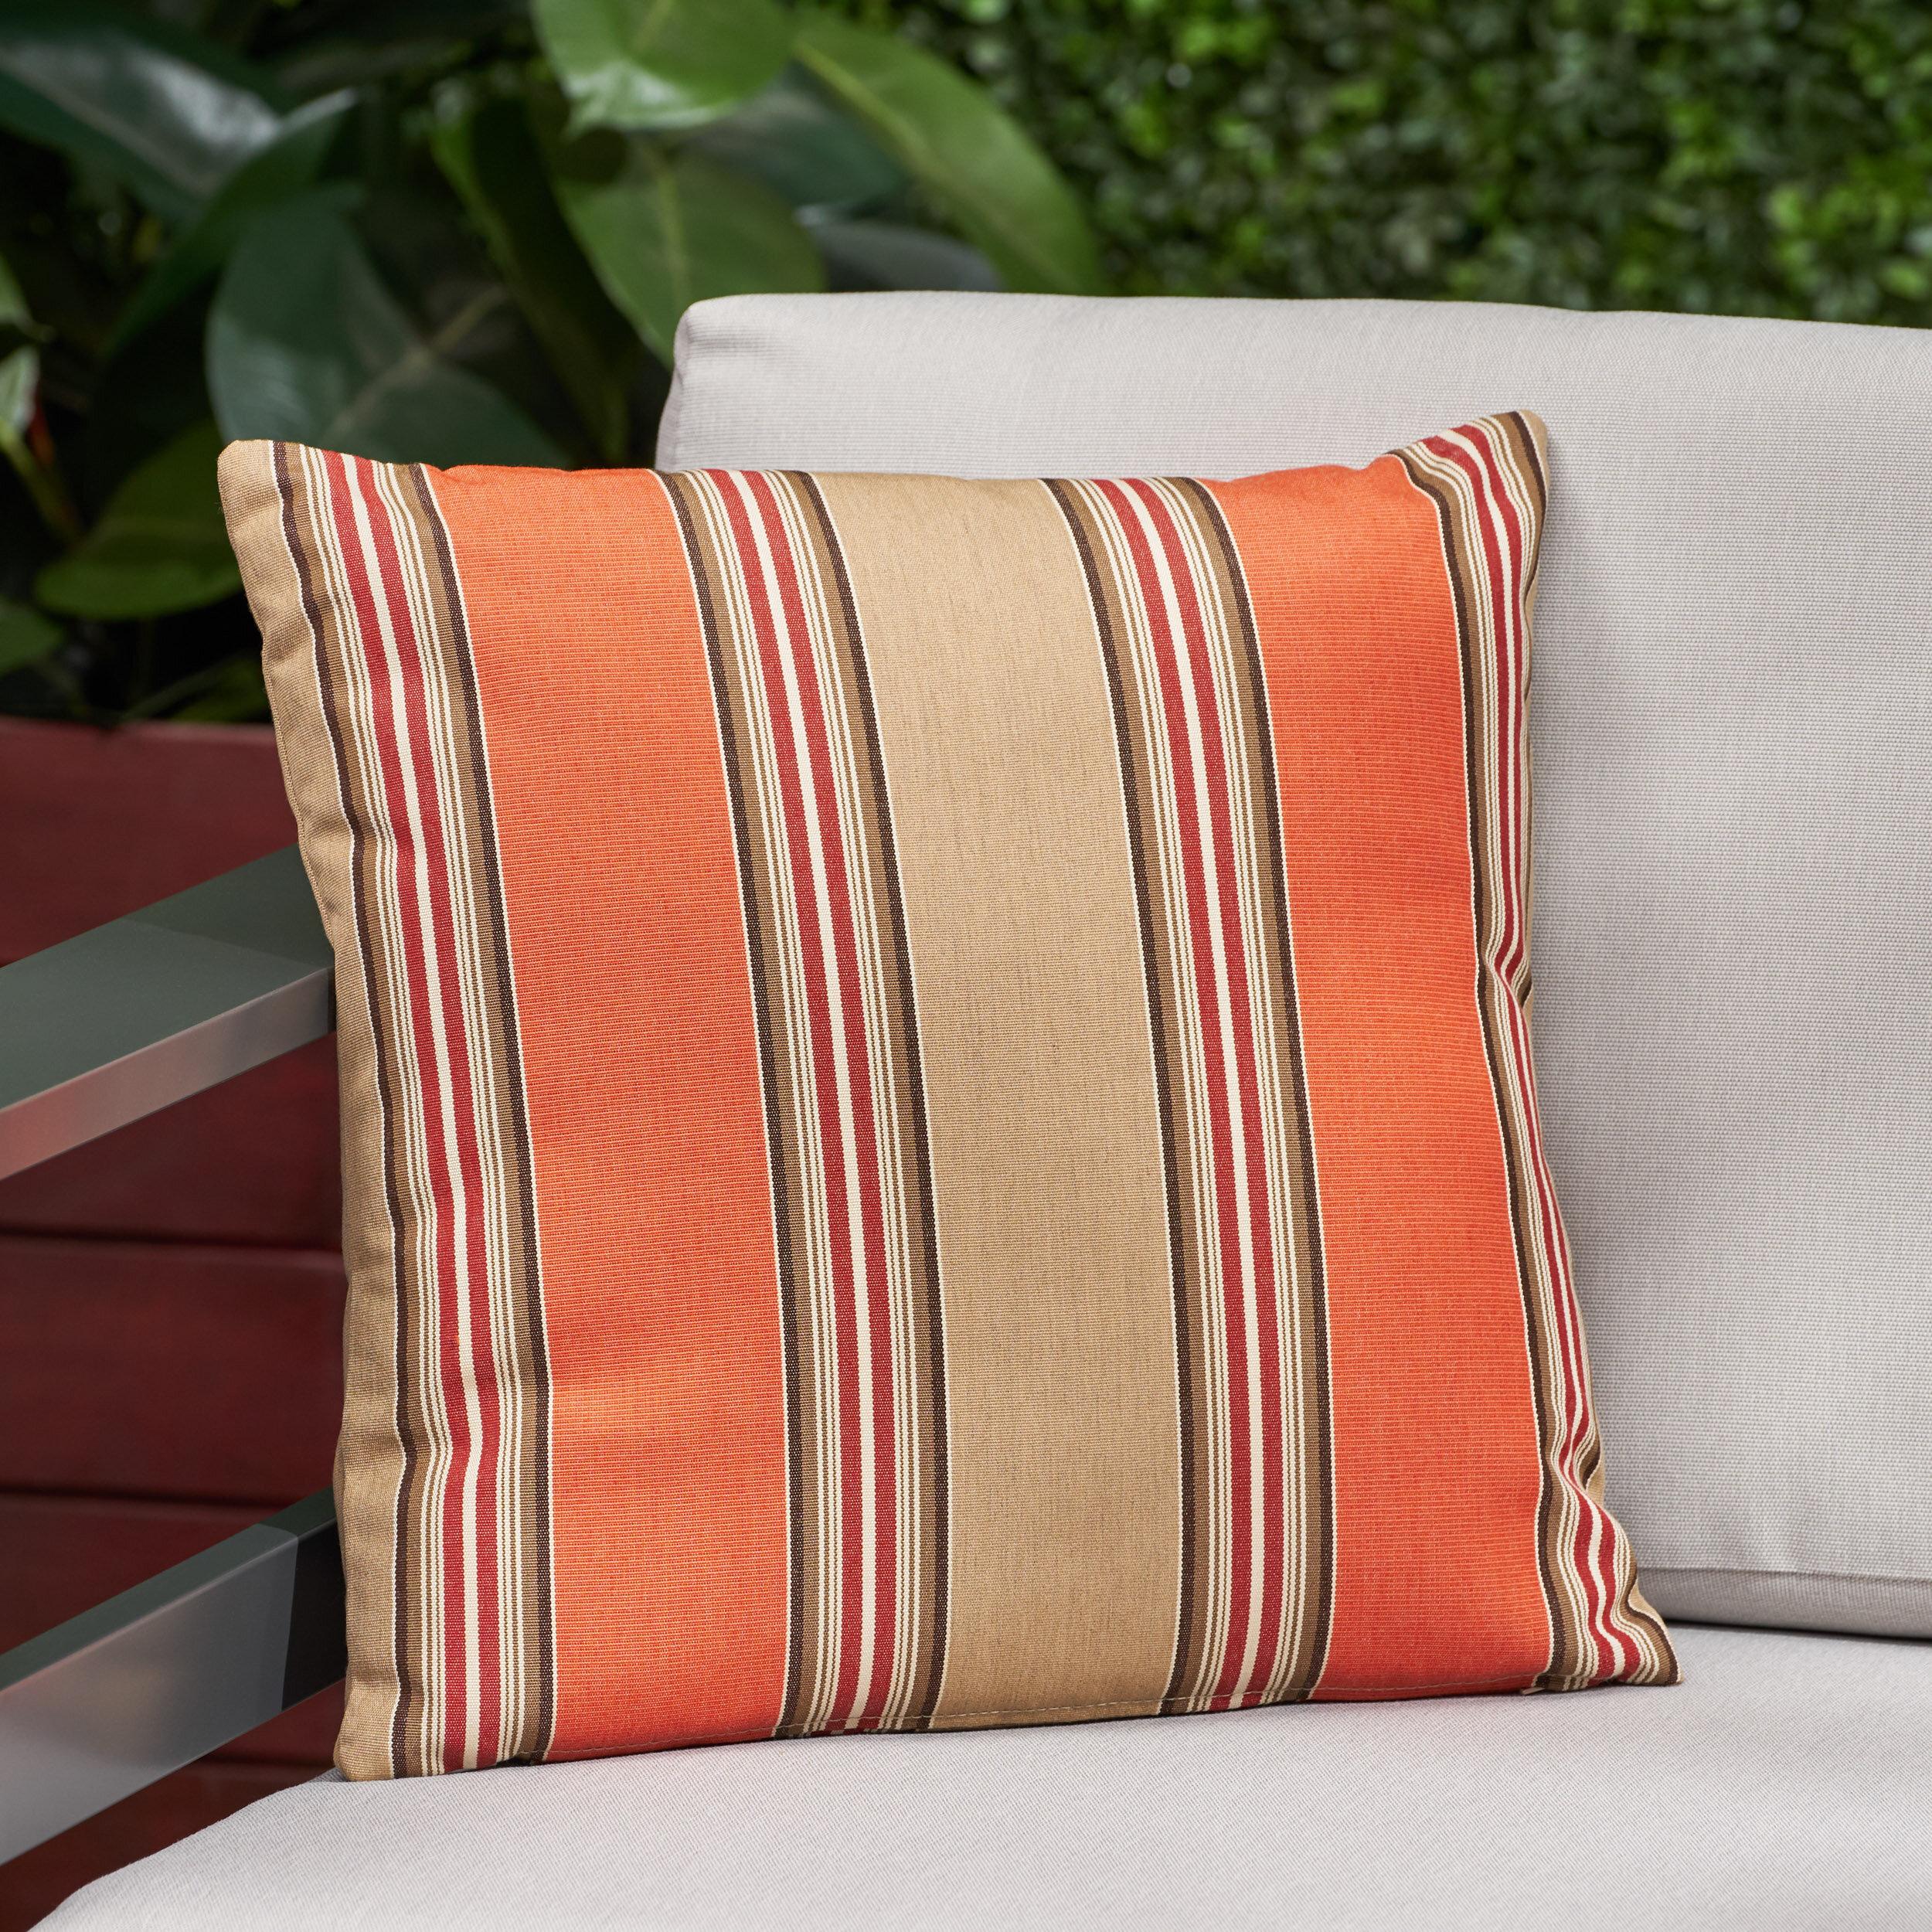 Stripes Sunbrella Outdoor Pillow 18x18 Hlpsocialsquare Com